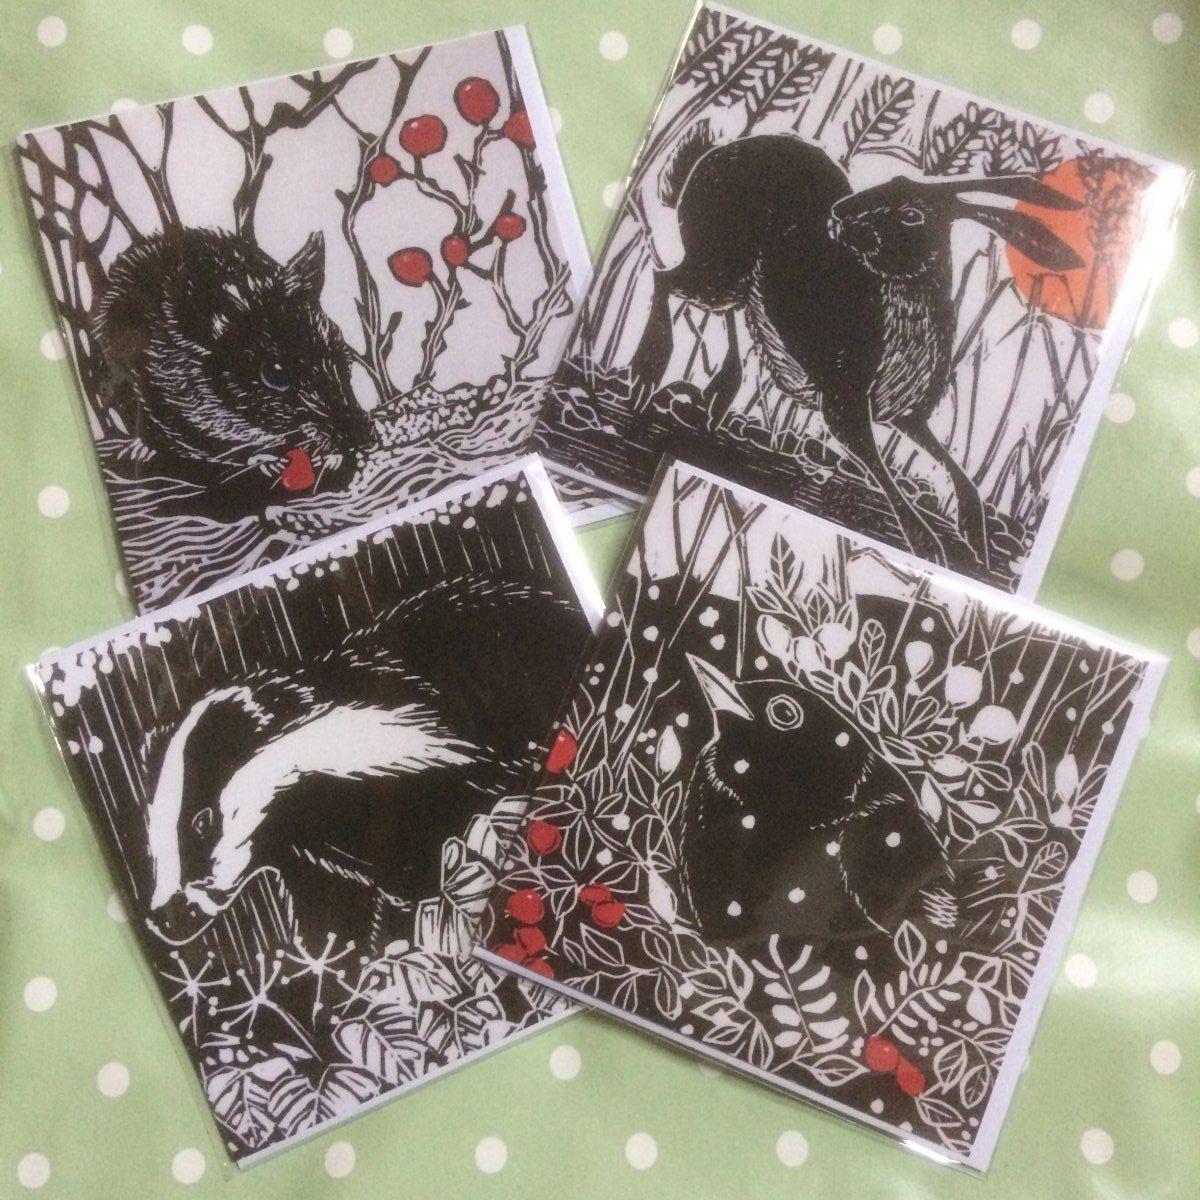 b&W cards2